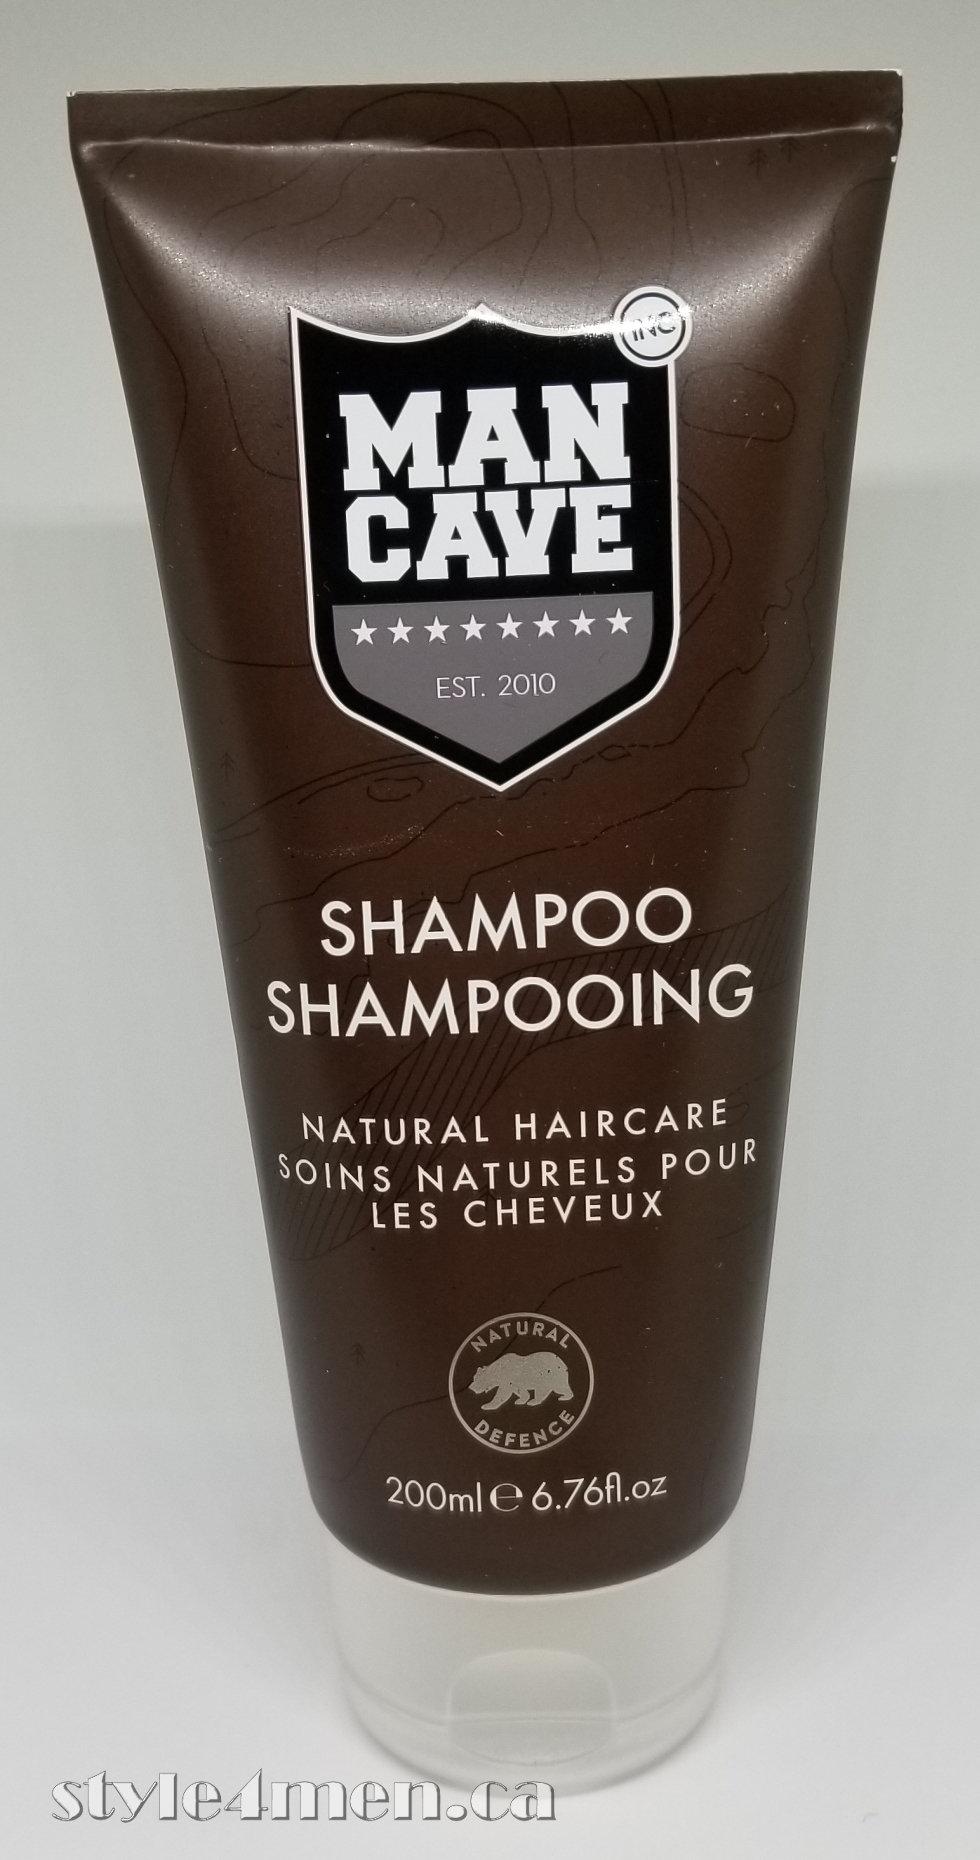 MANCAVE Shampoo